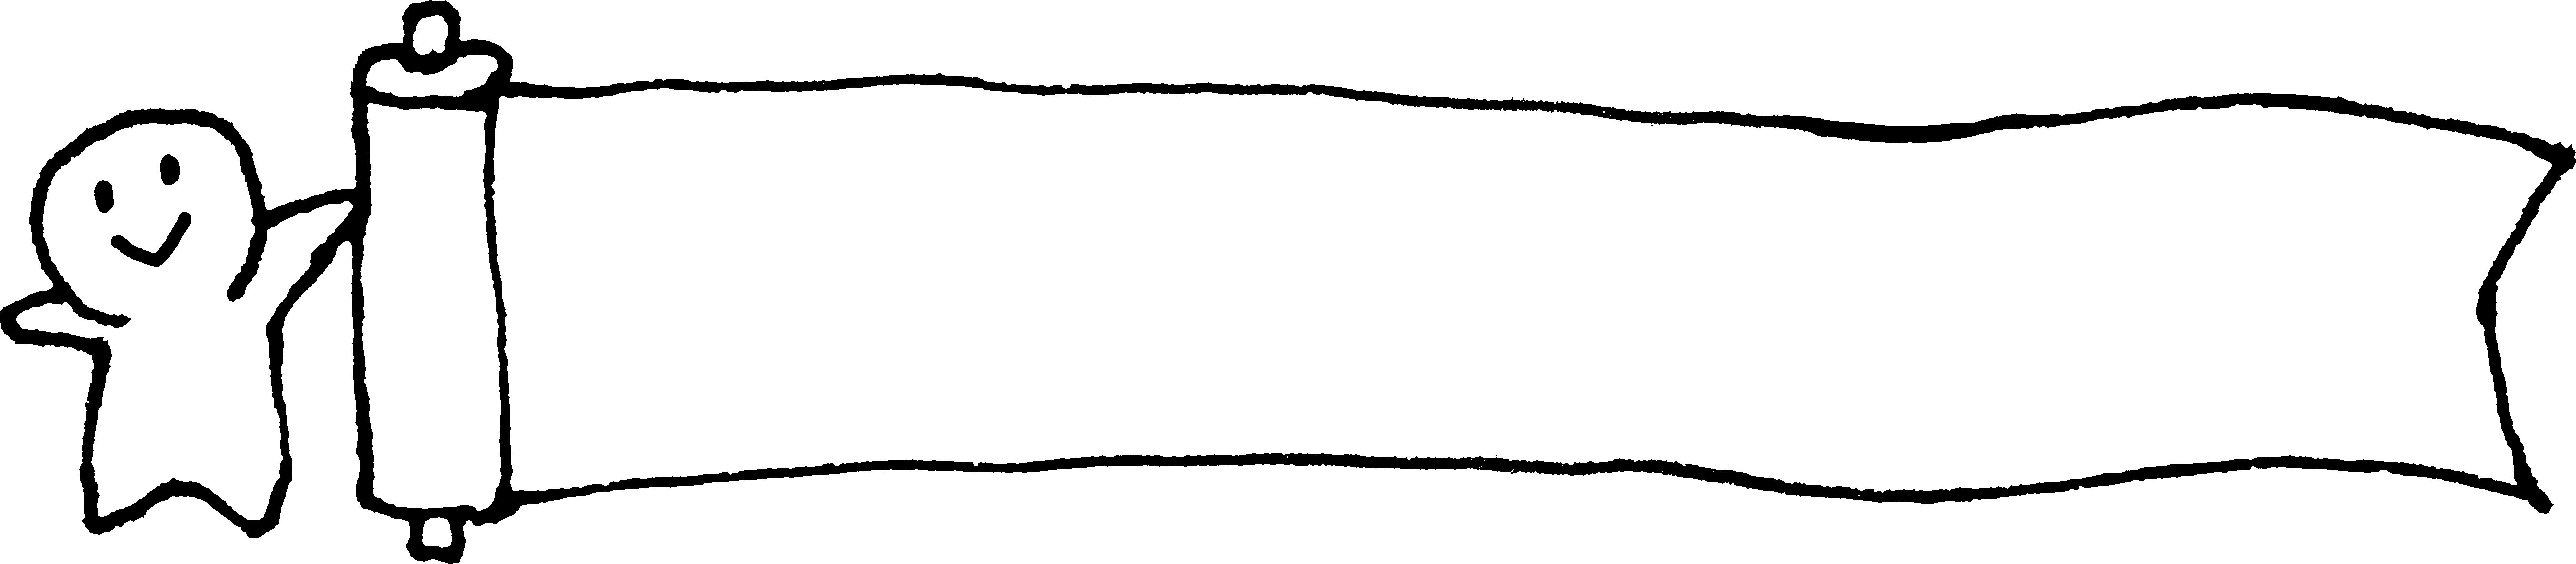 巻物を持つのイラスト Hold a scroll